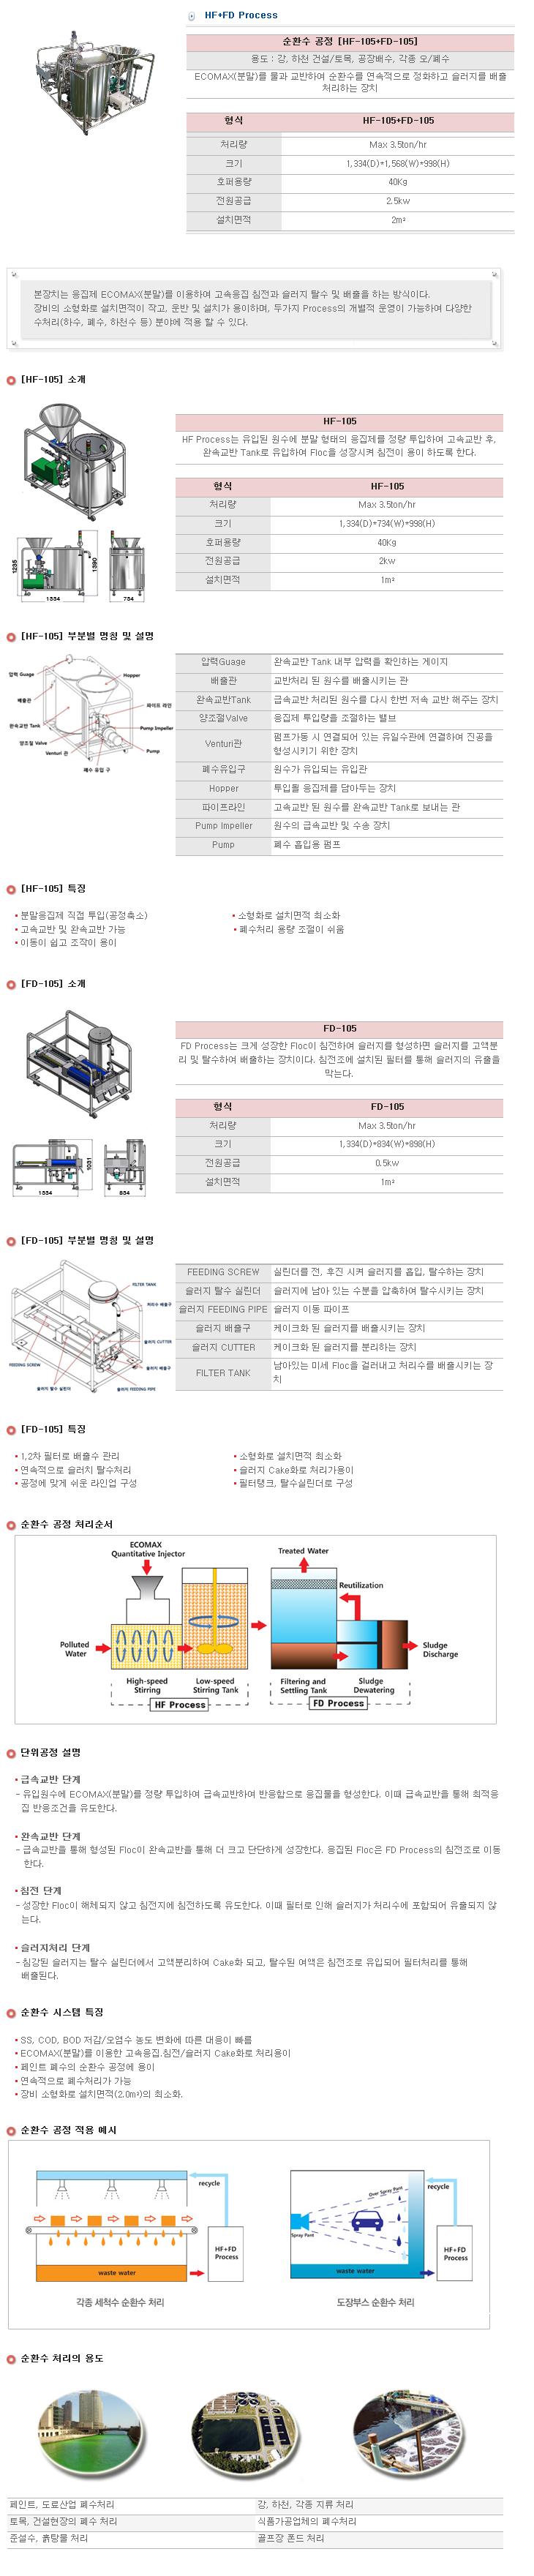 에스엔티코리아(주) HF+FD Process (순환수 공정) HF/FD-105 1